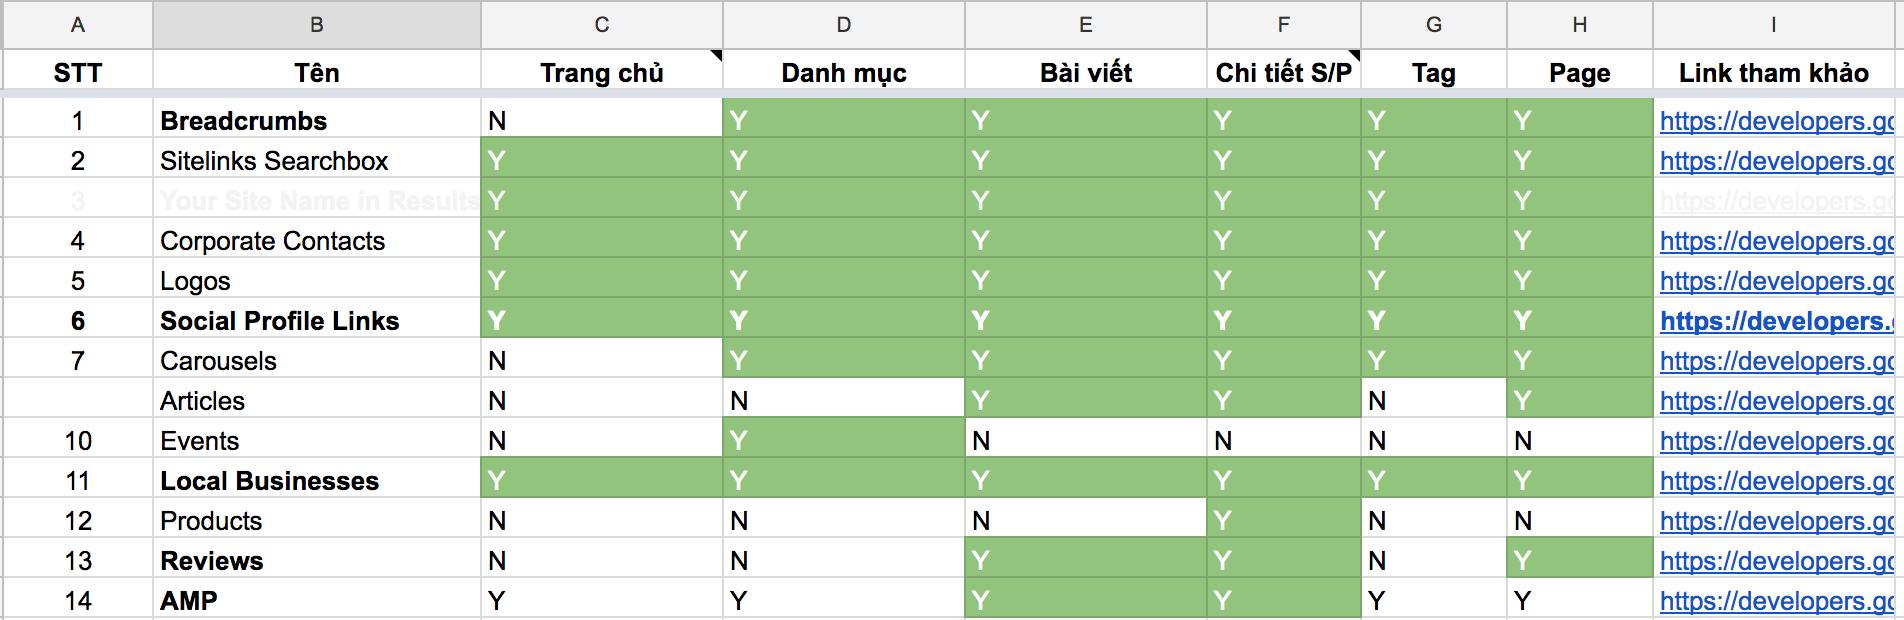 Bảng phân loại dữ liệu có cấu trúc thường dùng (click xem ảnh lớn hơn)